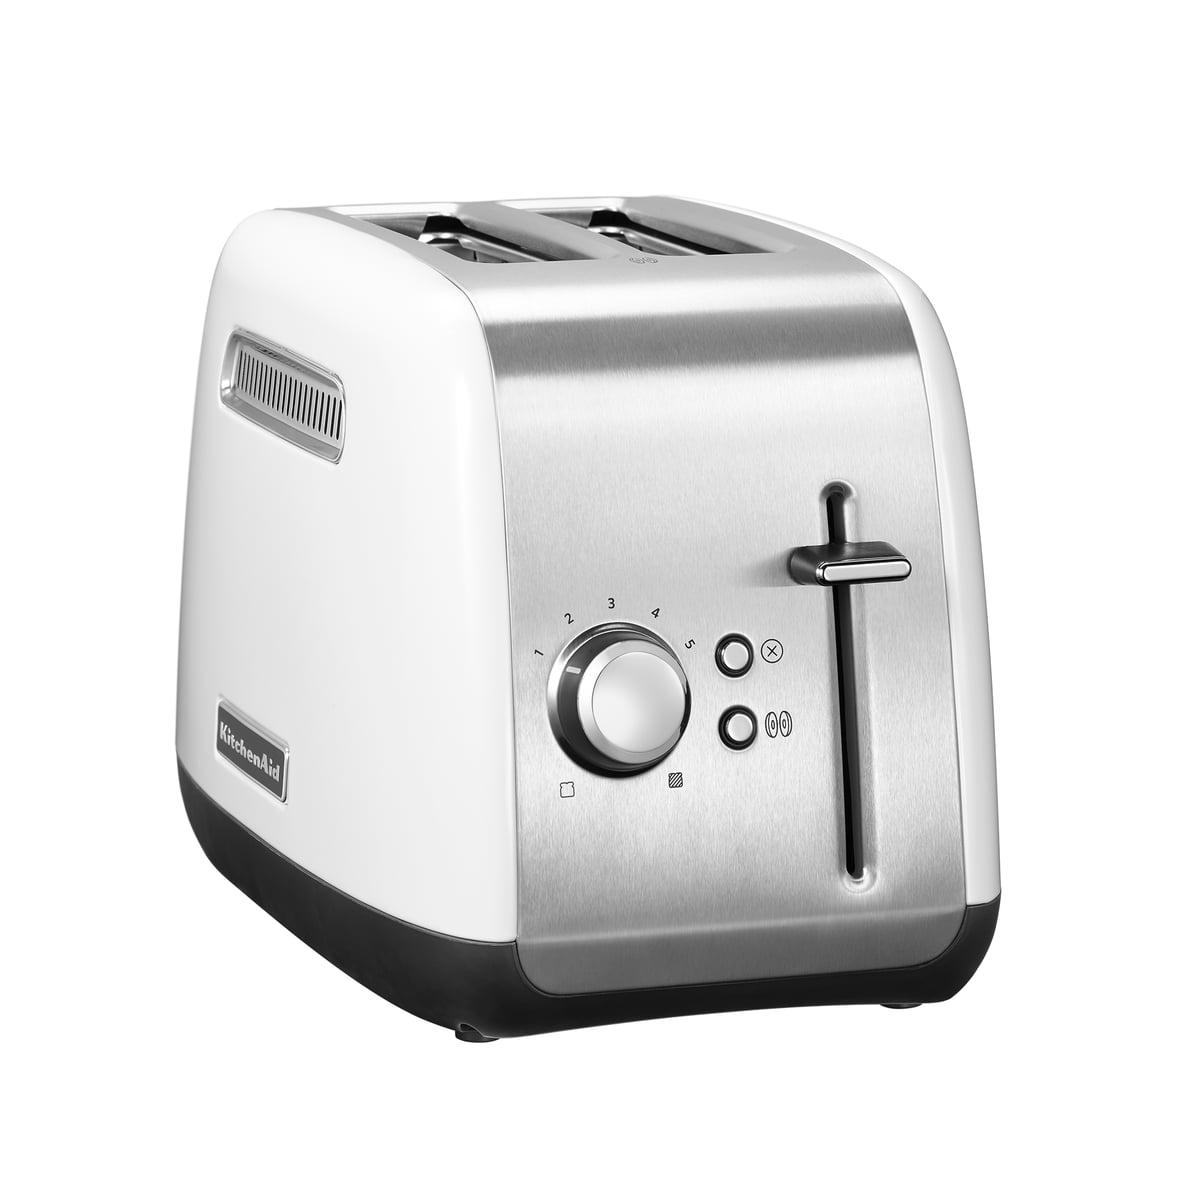 Kitchen Aid KitchenAid - Toaster Classic 5KMT2115, 2 Scheiben, weiß   Küche und Esszimmer > Küchengeräte > Toaster   Weiß   Ganzmetallgehäuse   Kitchen Aid